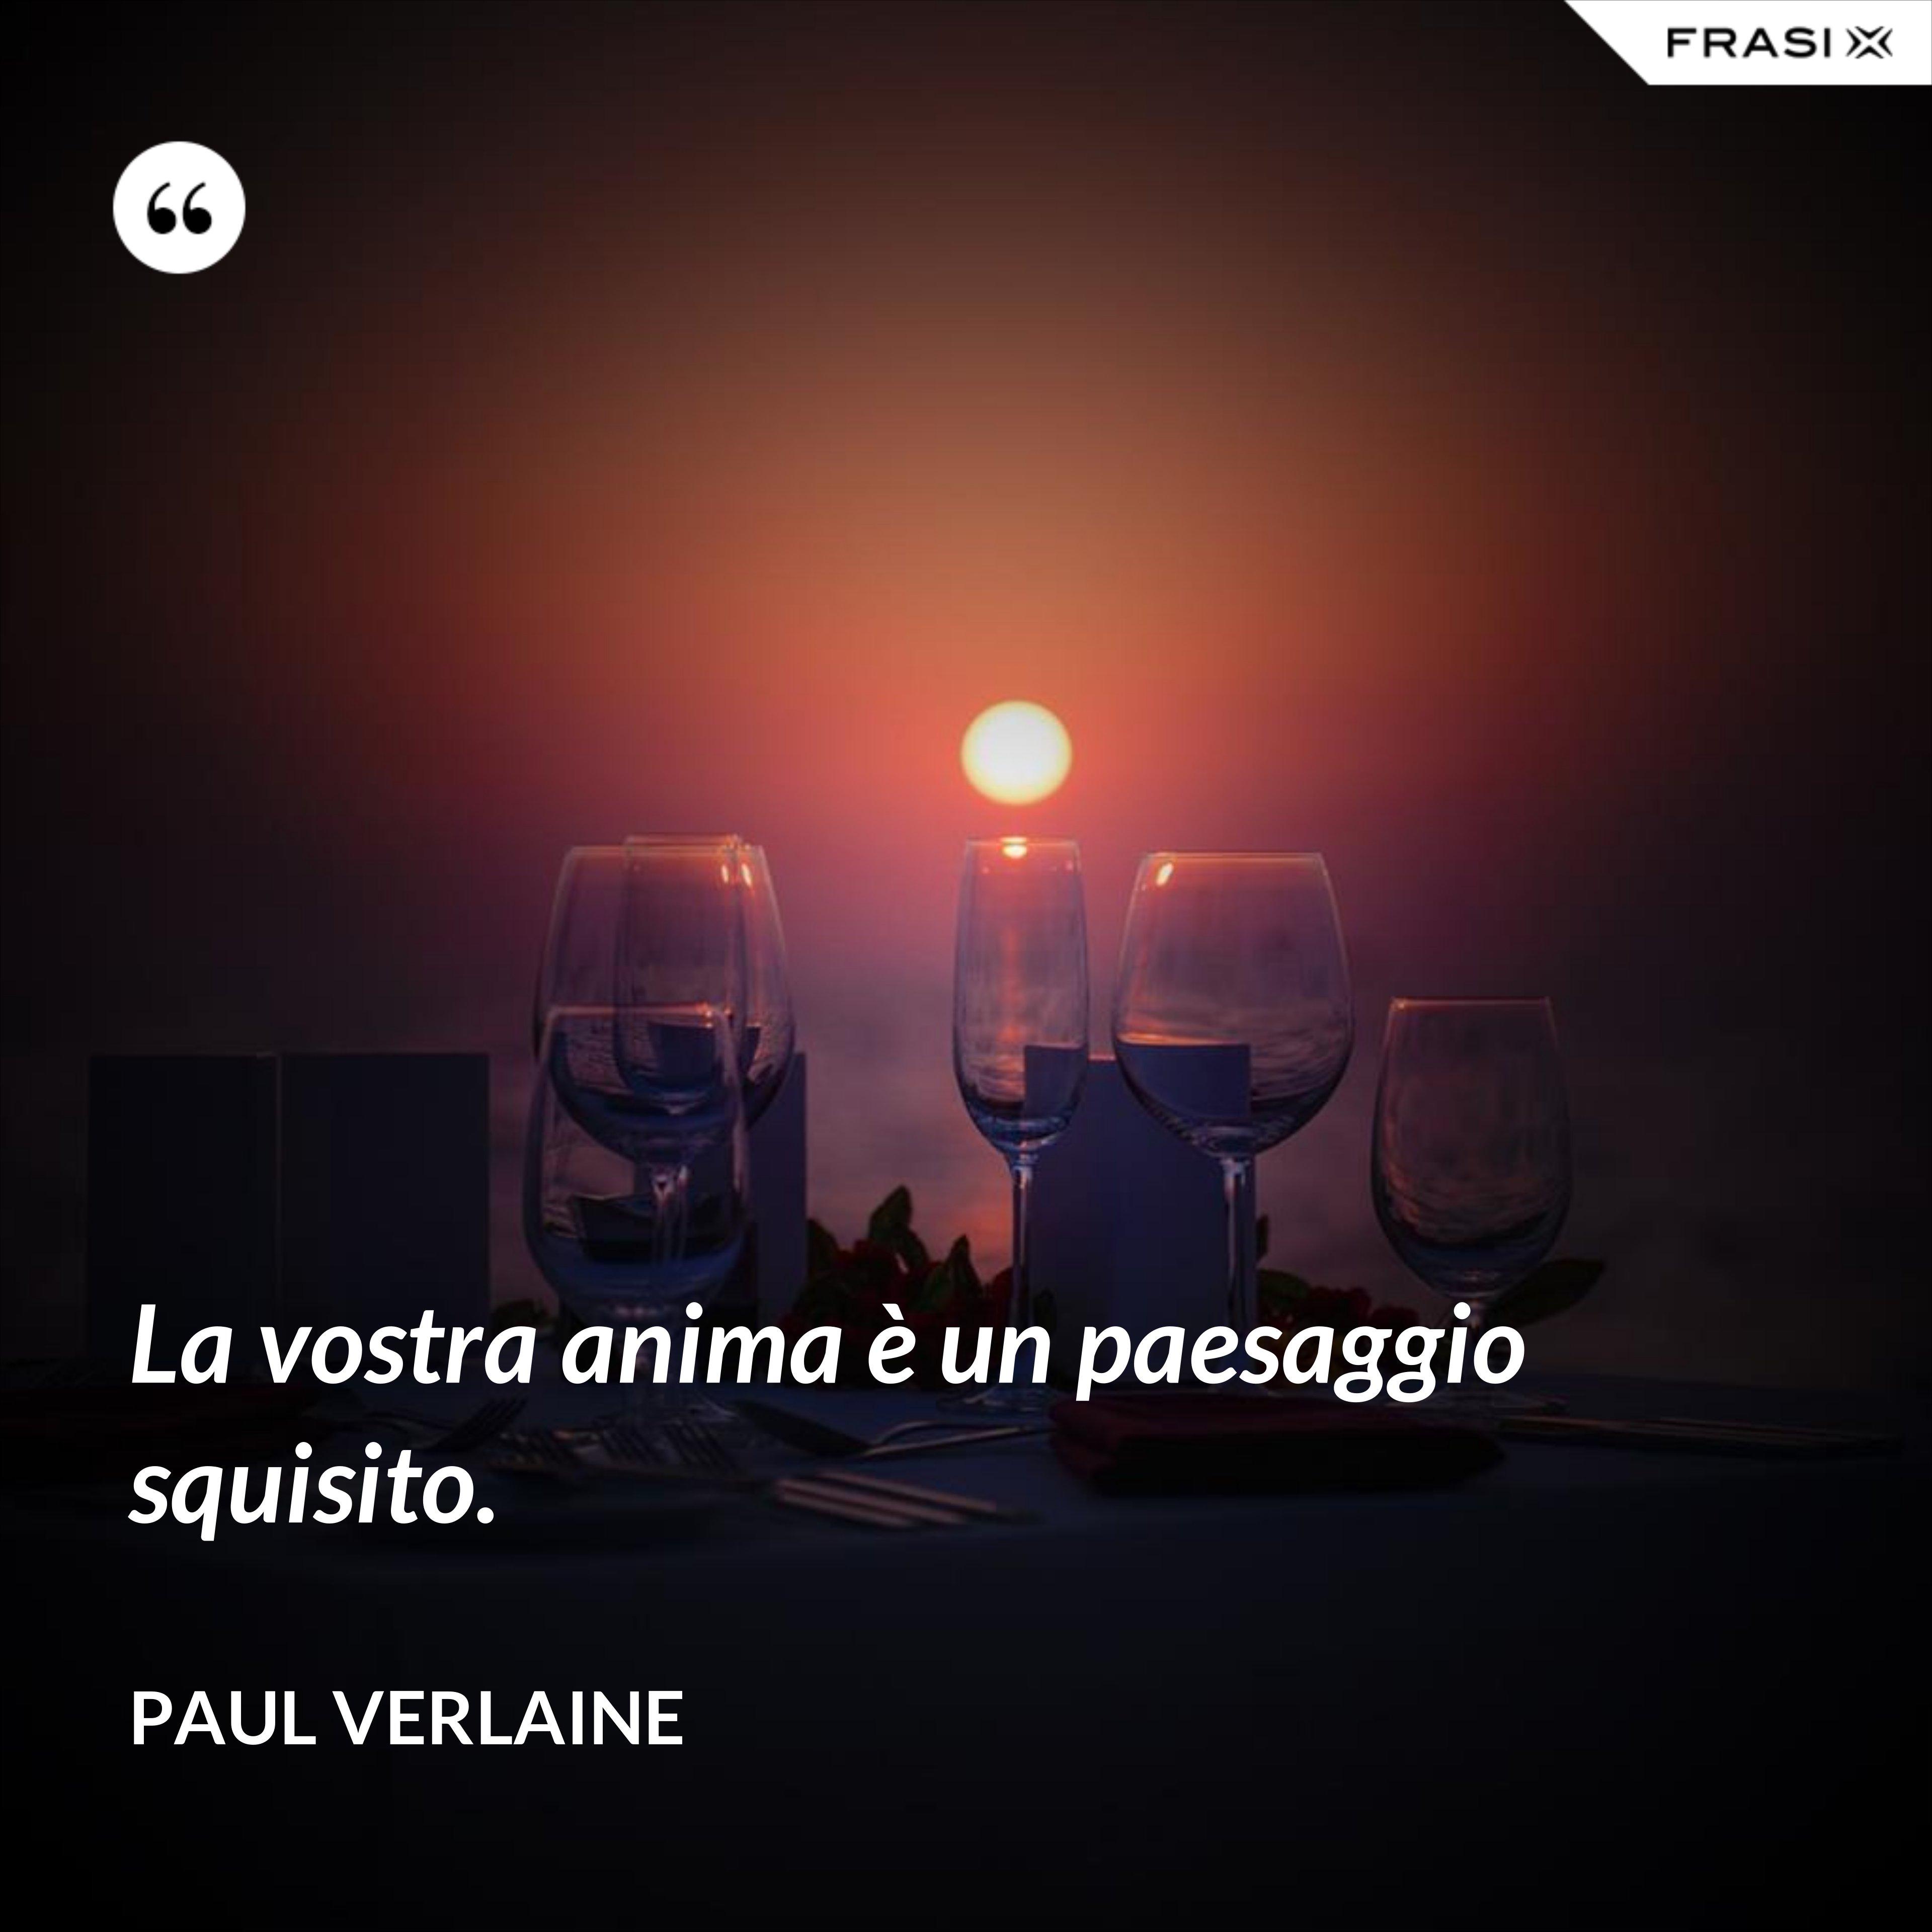 La vostra anima è un paesaggio squisito. - Paul Verlaine